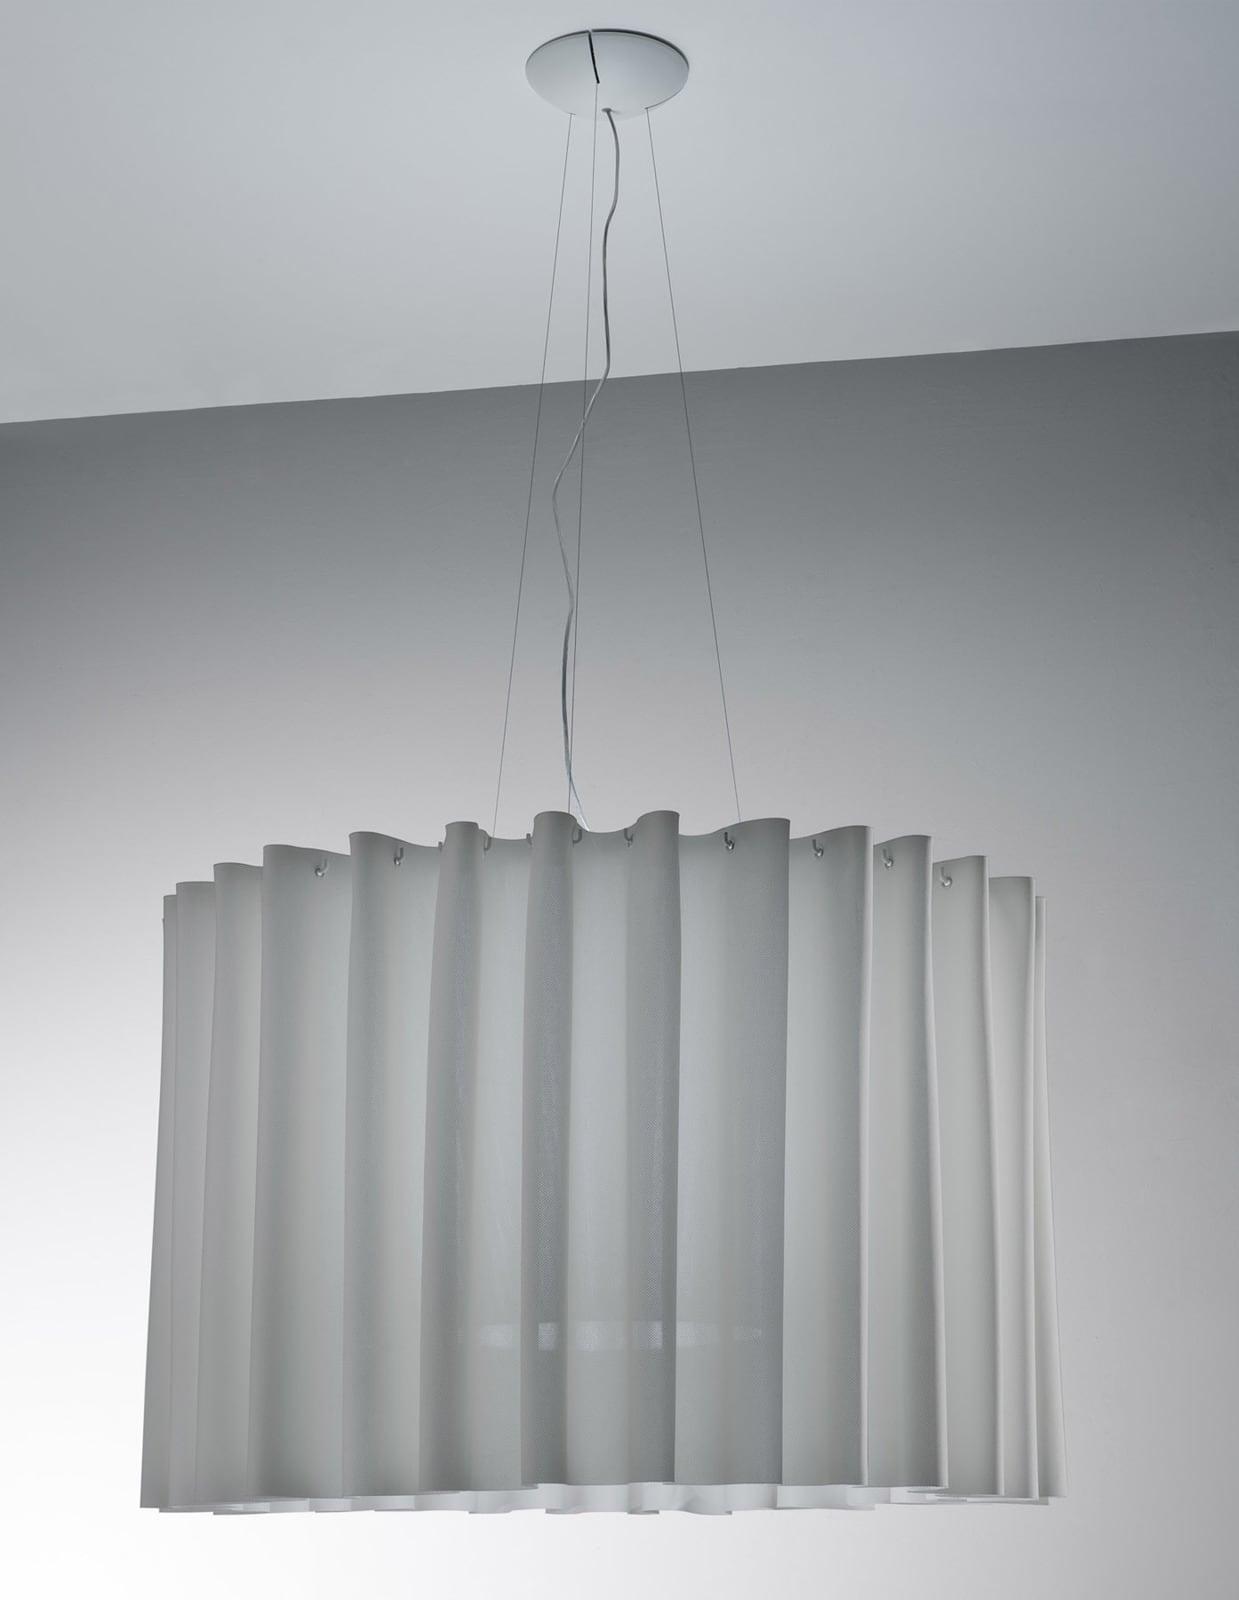 Lampa cu pandantiv AXO Light fusta 100 SK gri